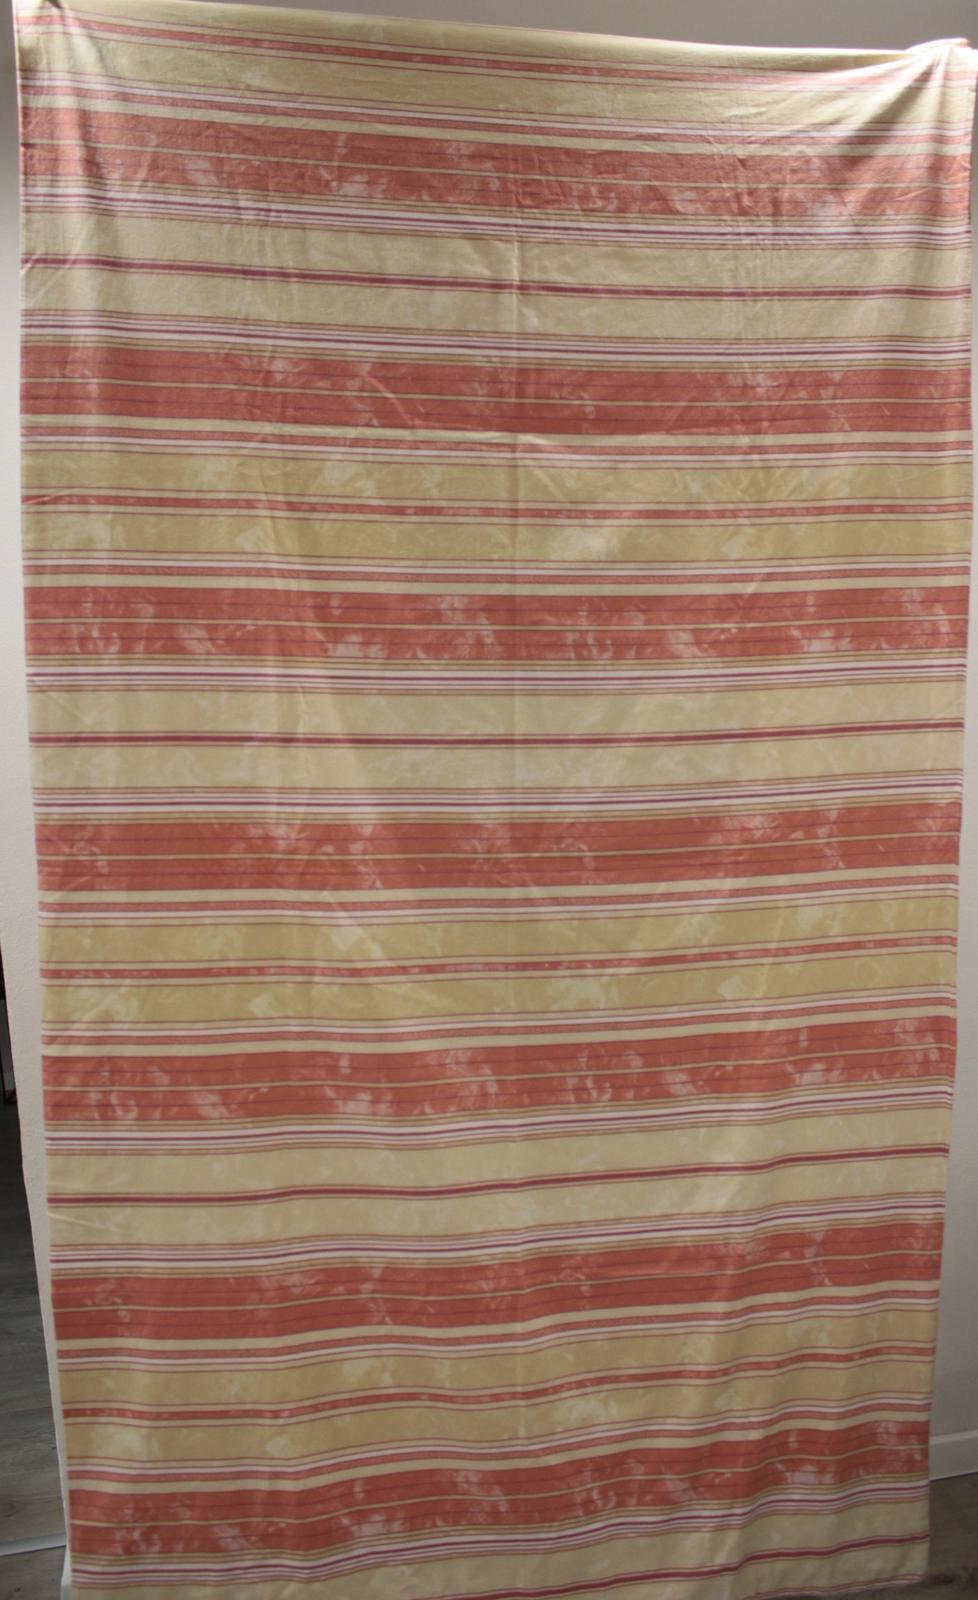 obliecka na perinu 200x111cm  - Obrázok č. 1